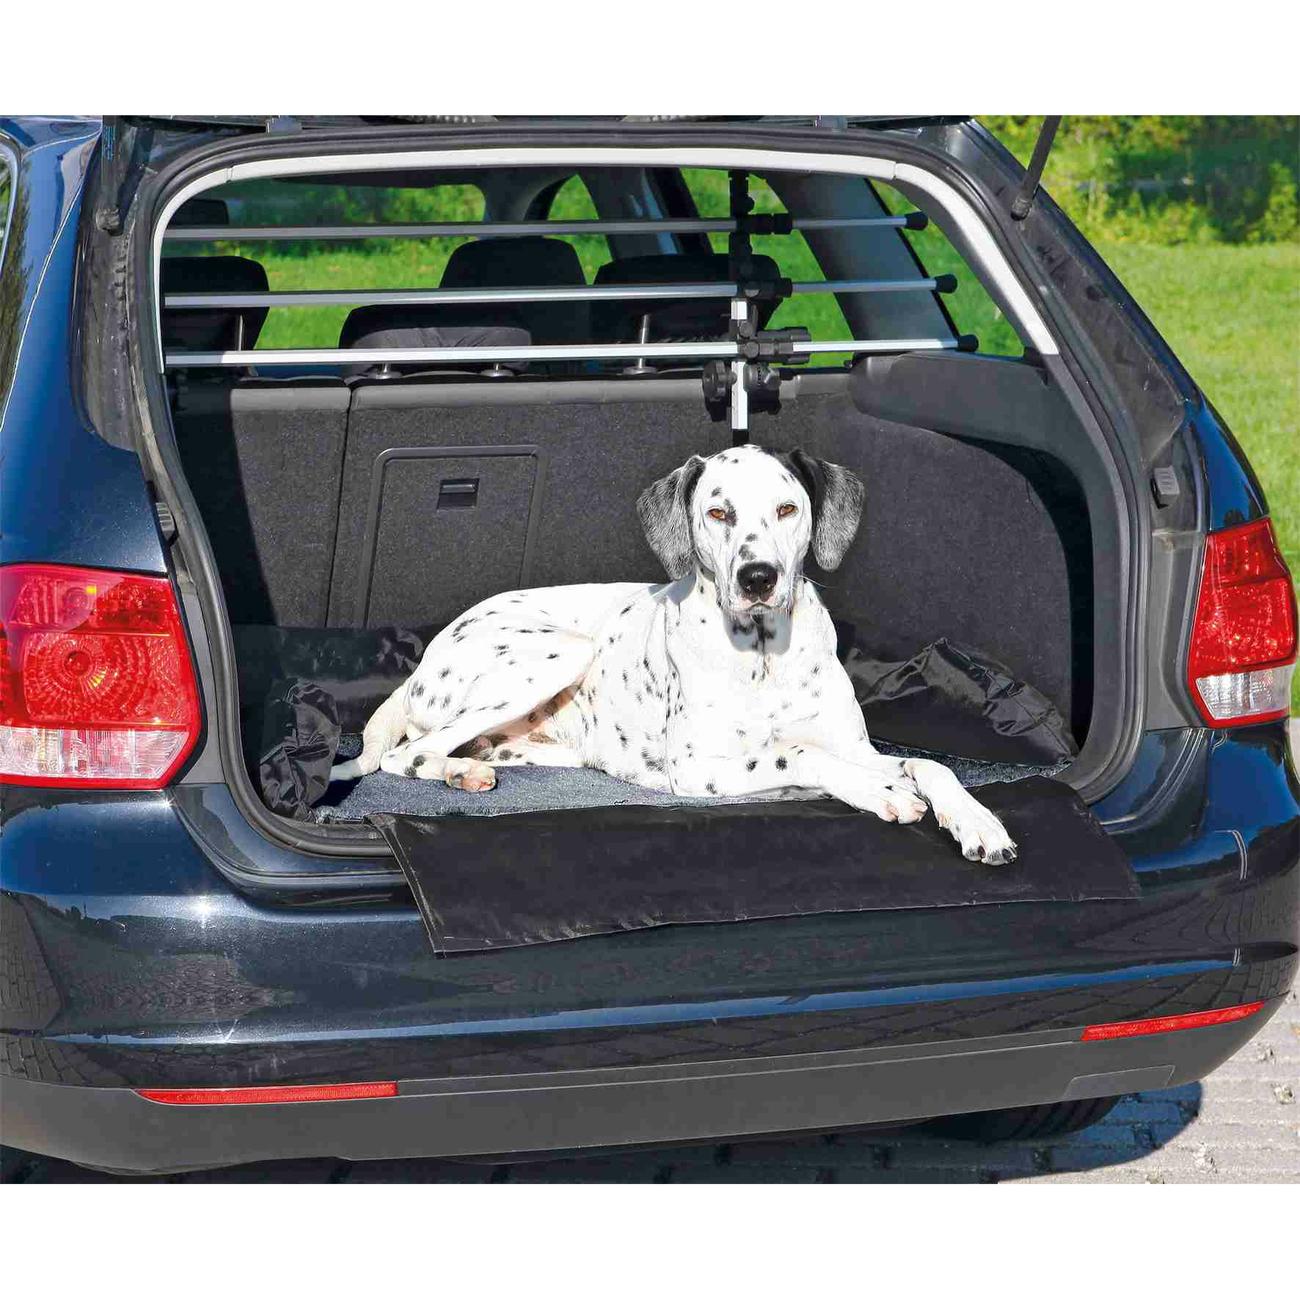 TRIXIE Hunde Autobett für Kofferraum 1321